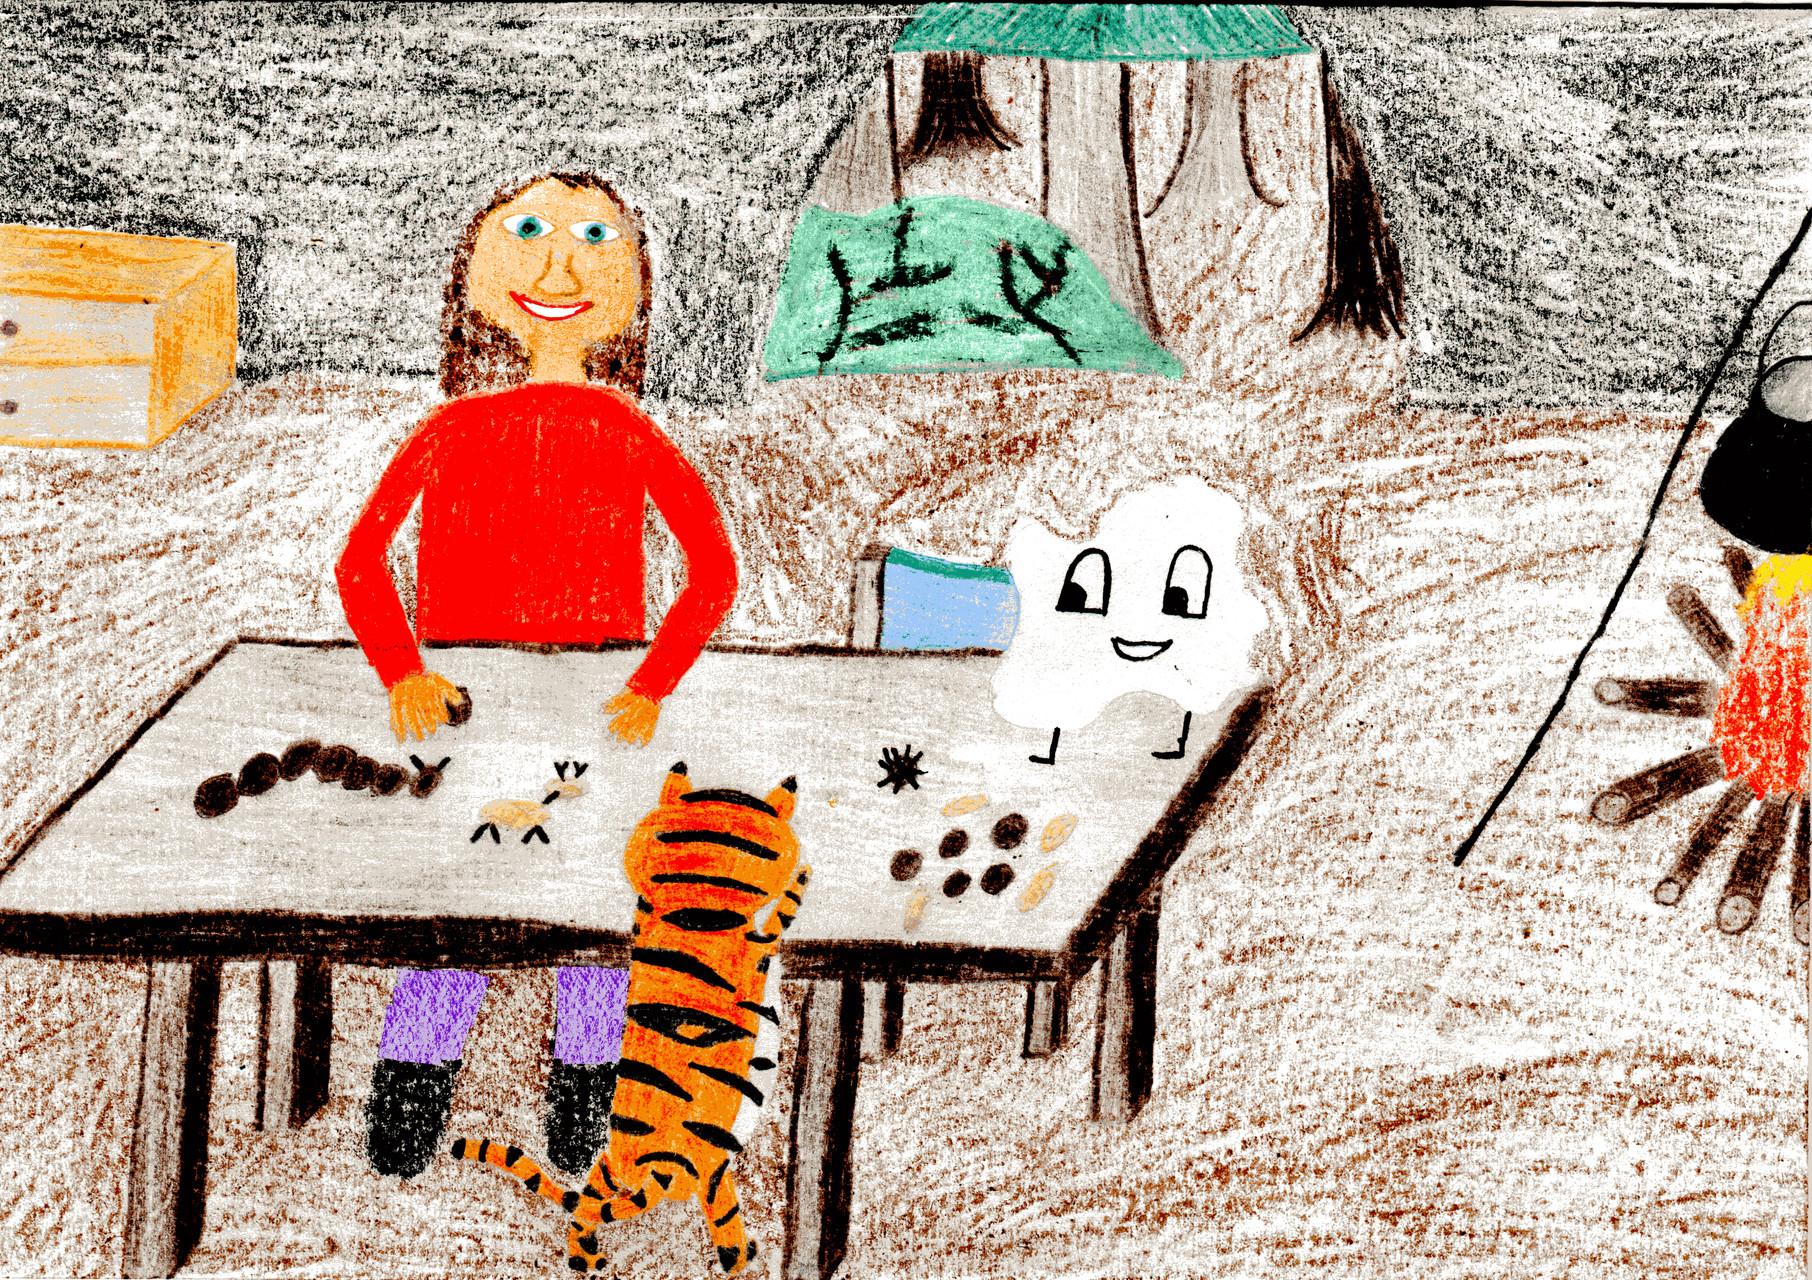 Dorothea und der Tiger basteln mit Kastanien